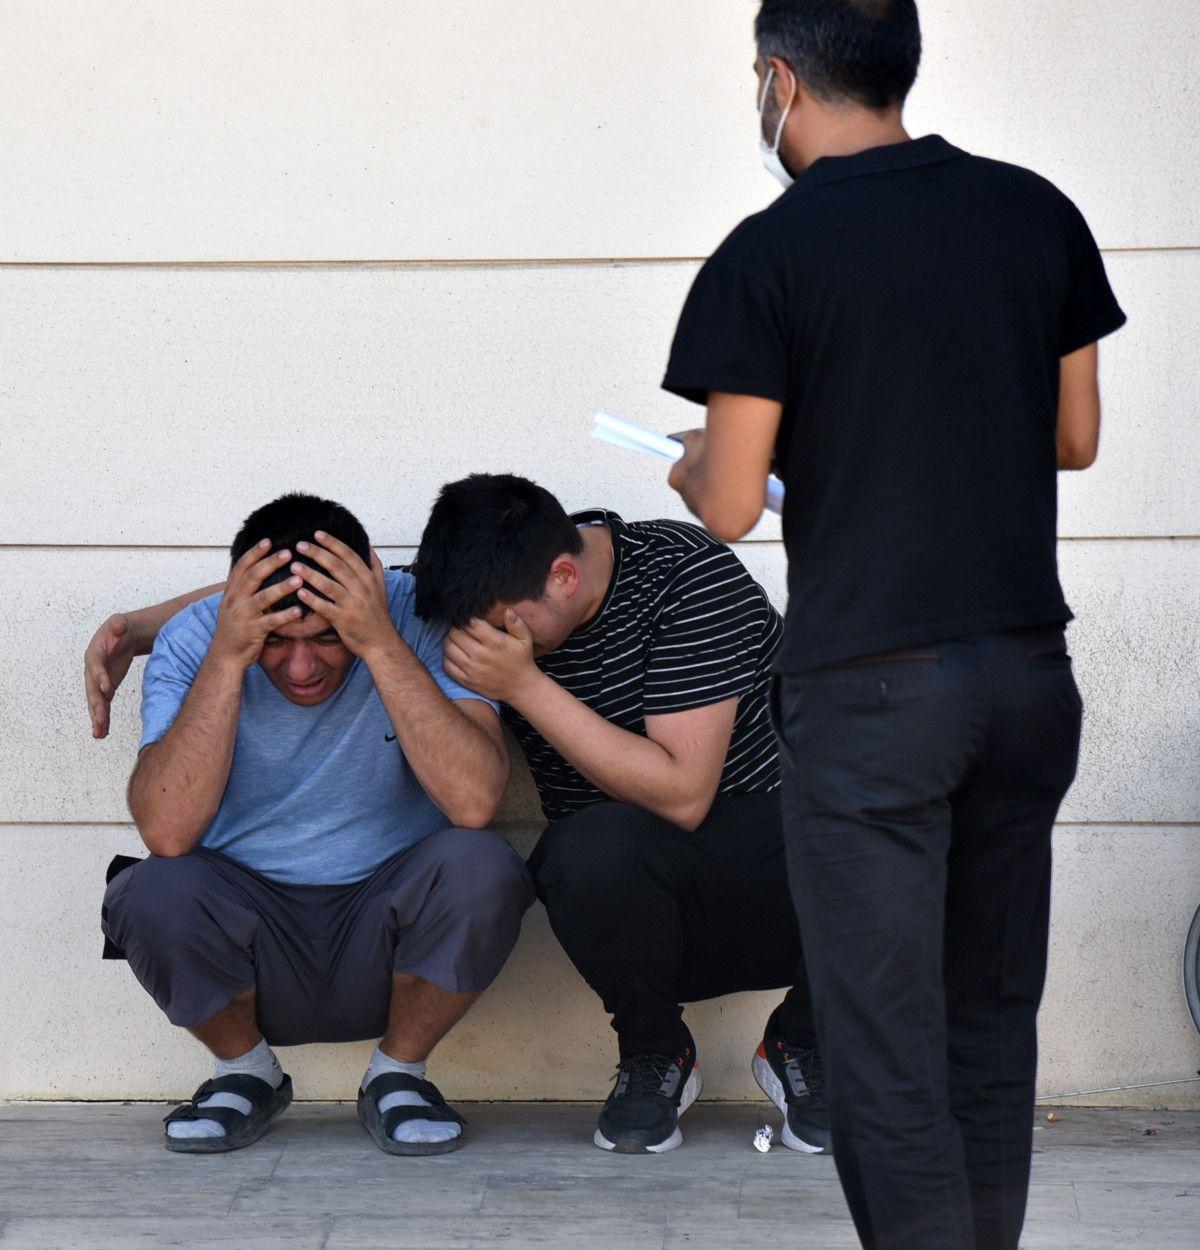 Antalya da kalp krizi geçiren 16 yaşındaki Efe Asaf hayatını kaybetti #5